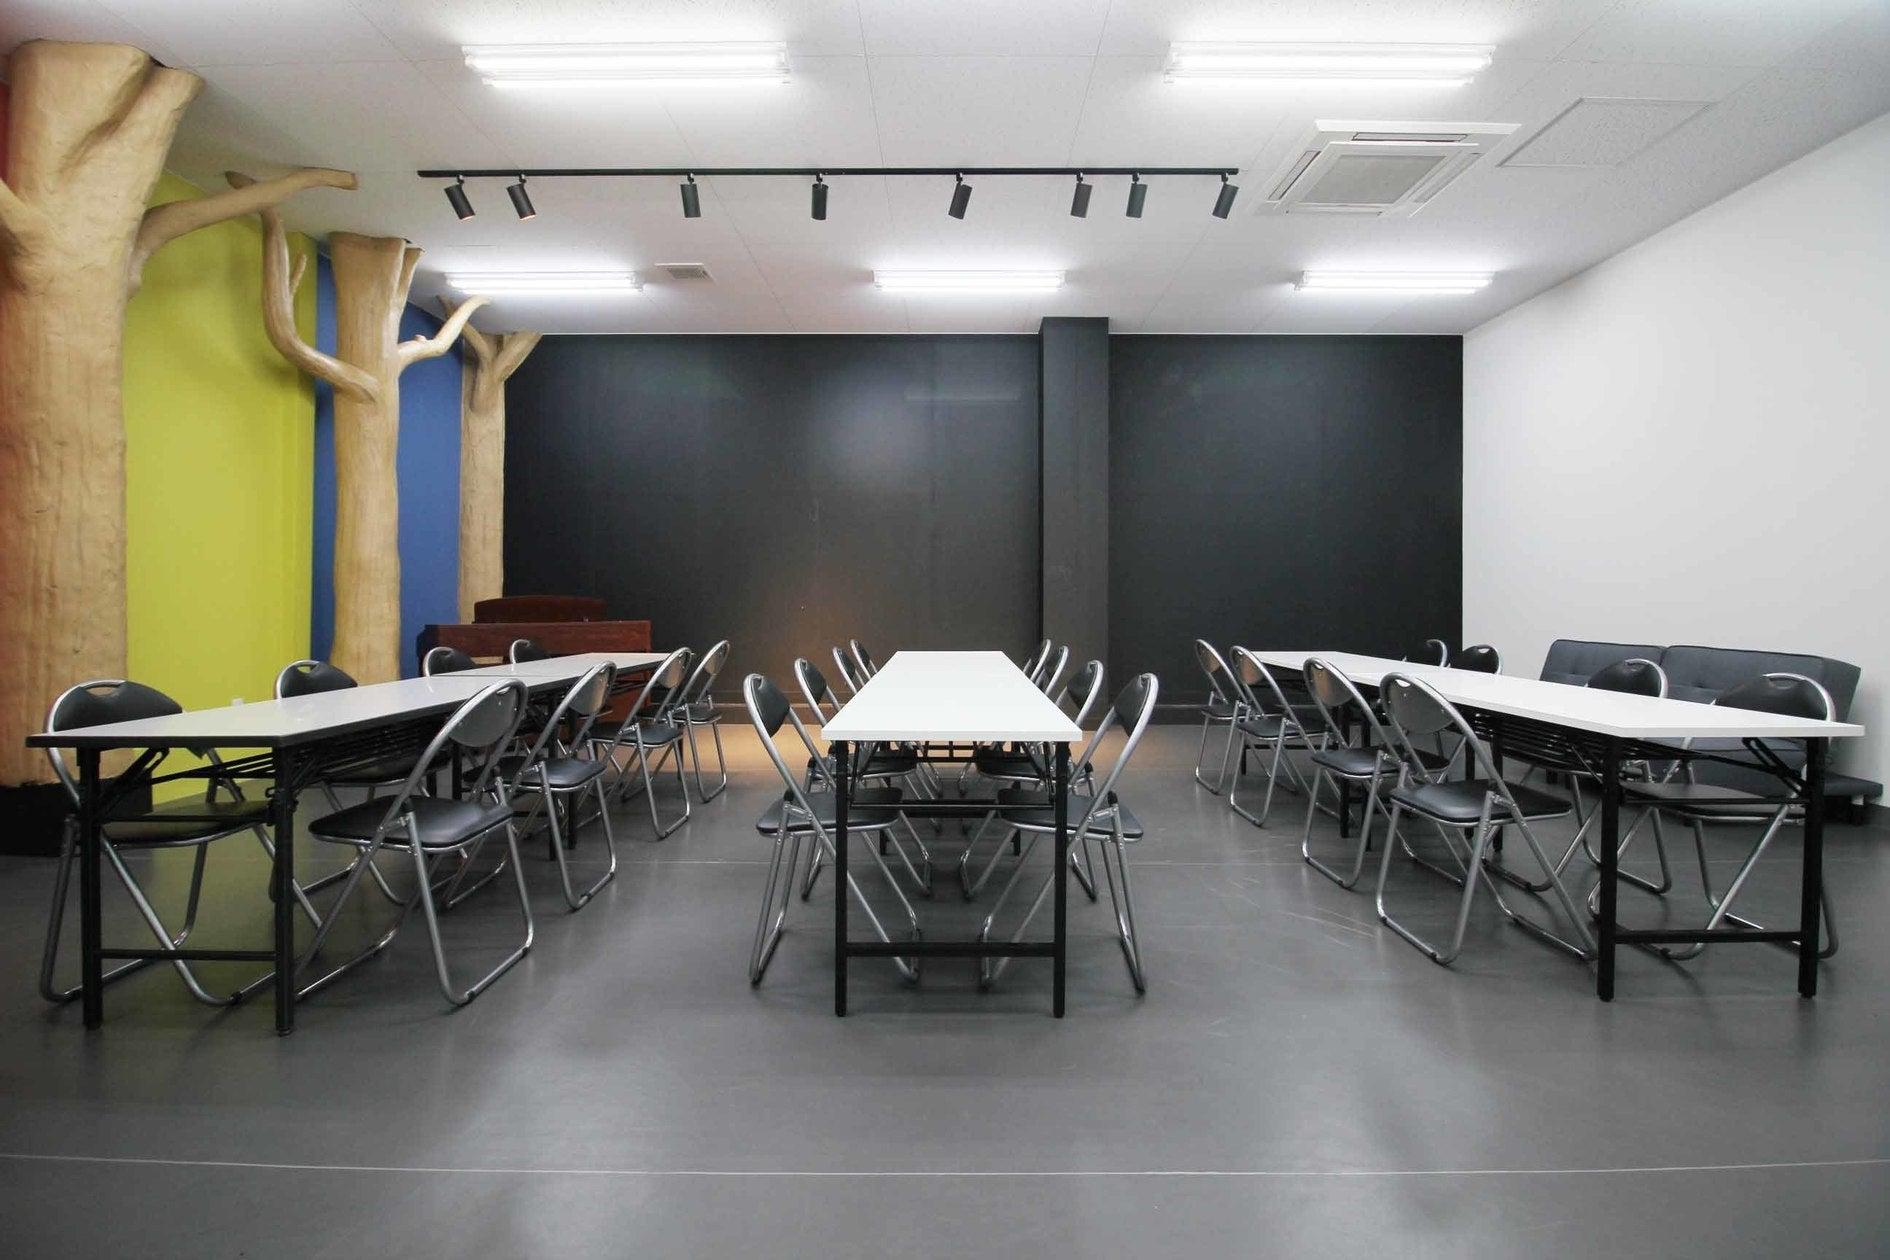 ⭐直前30%OFF⭐相鉄線「西横浜駅」から徒歩5分✨キレイ清潔な多目的スタジオ✨最大30名収容(西横浜imc studio) の写真0